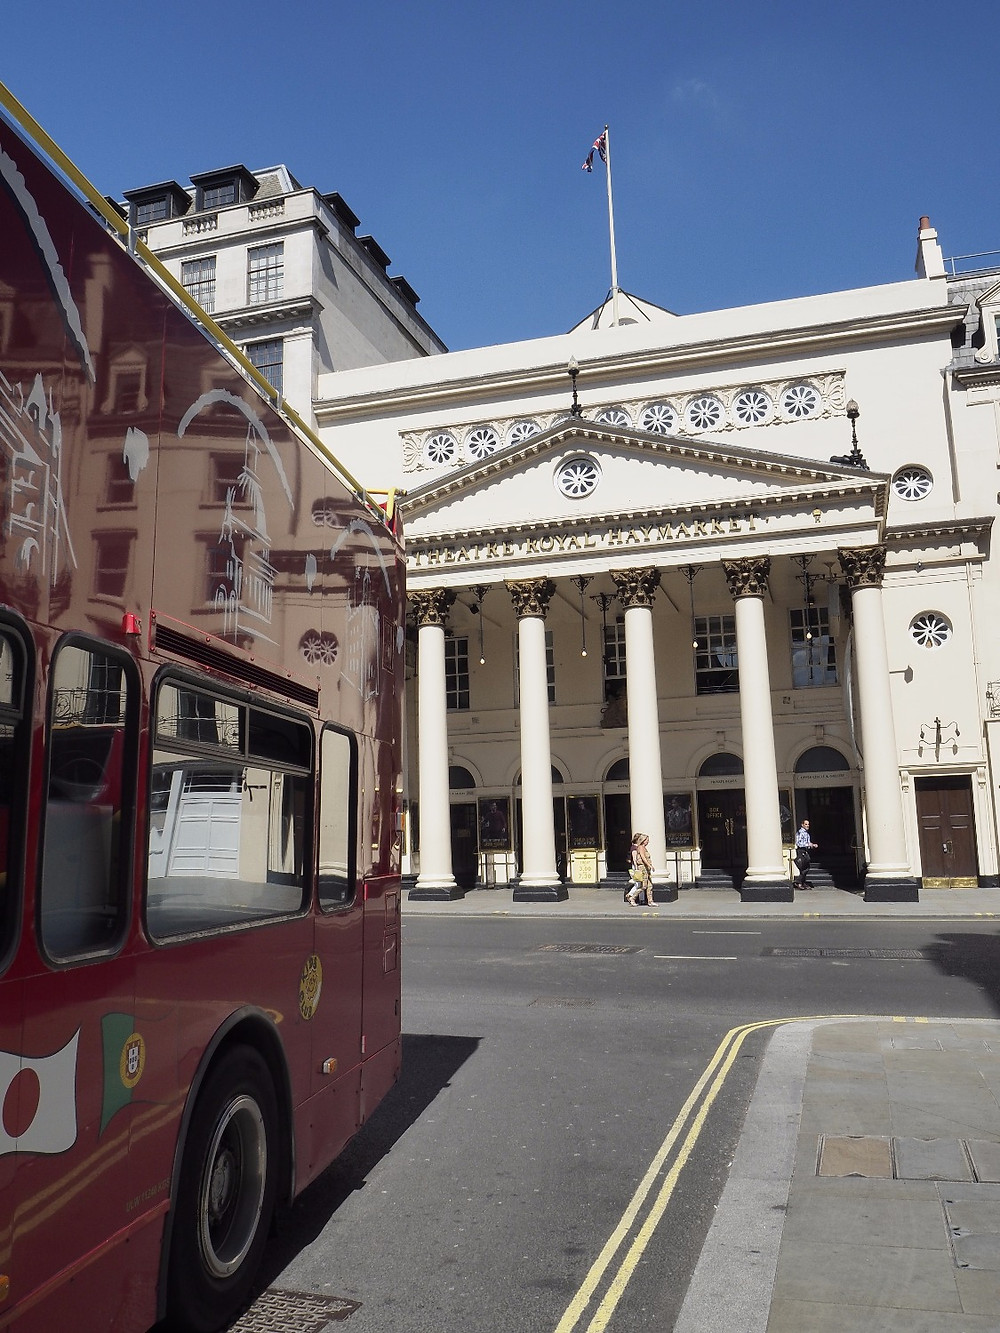 Theatre Royal Haymarket and a Tour Bus